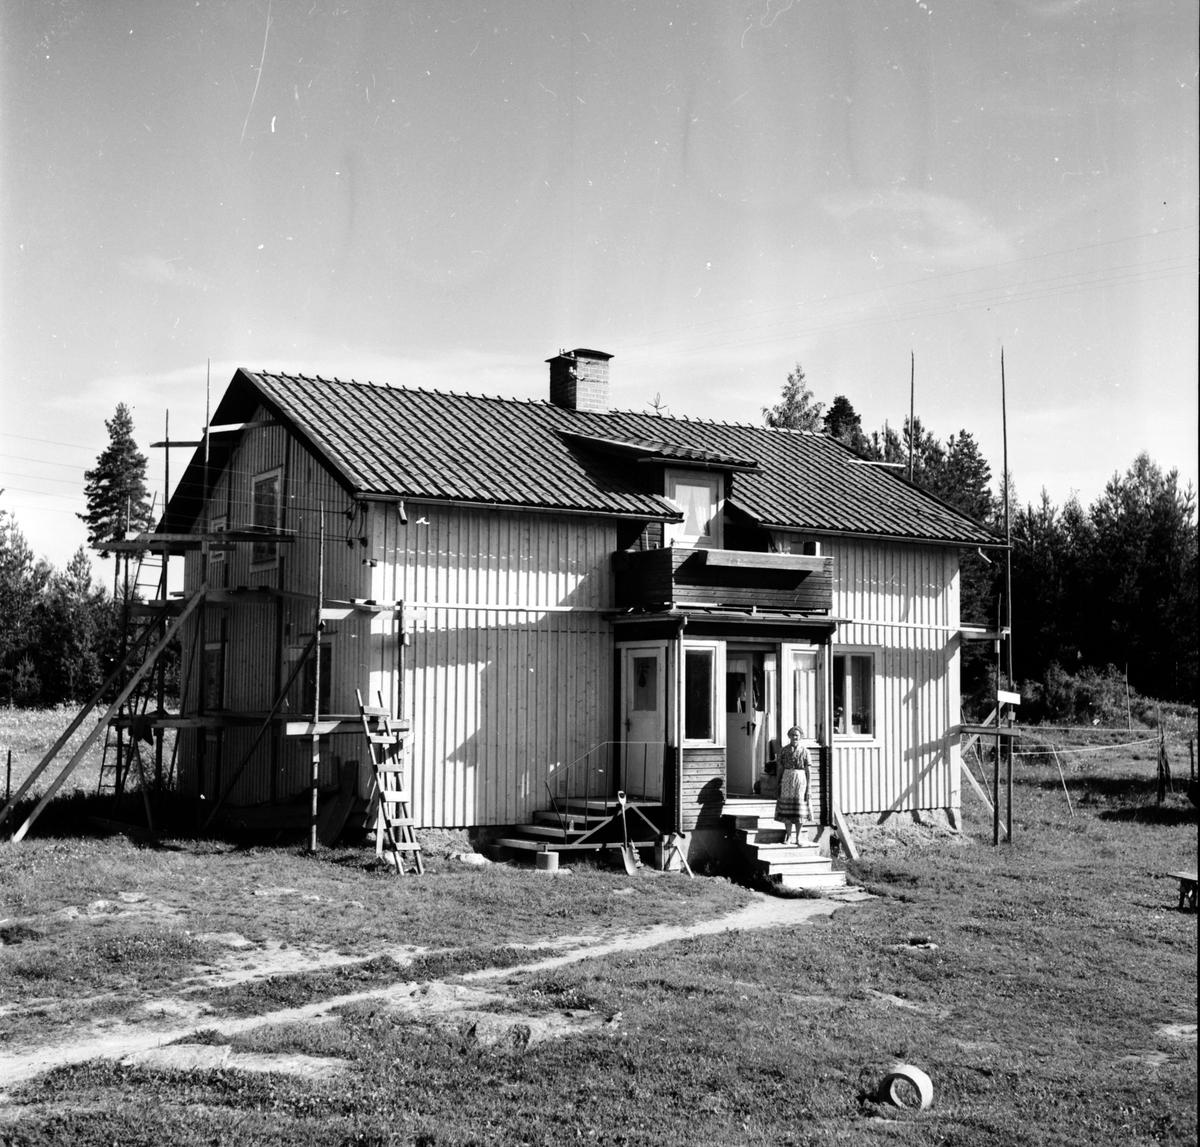 Stolt, Anders, Valsänge, Kilafors, 1958